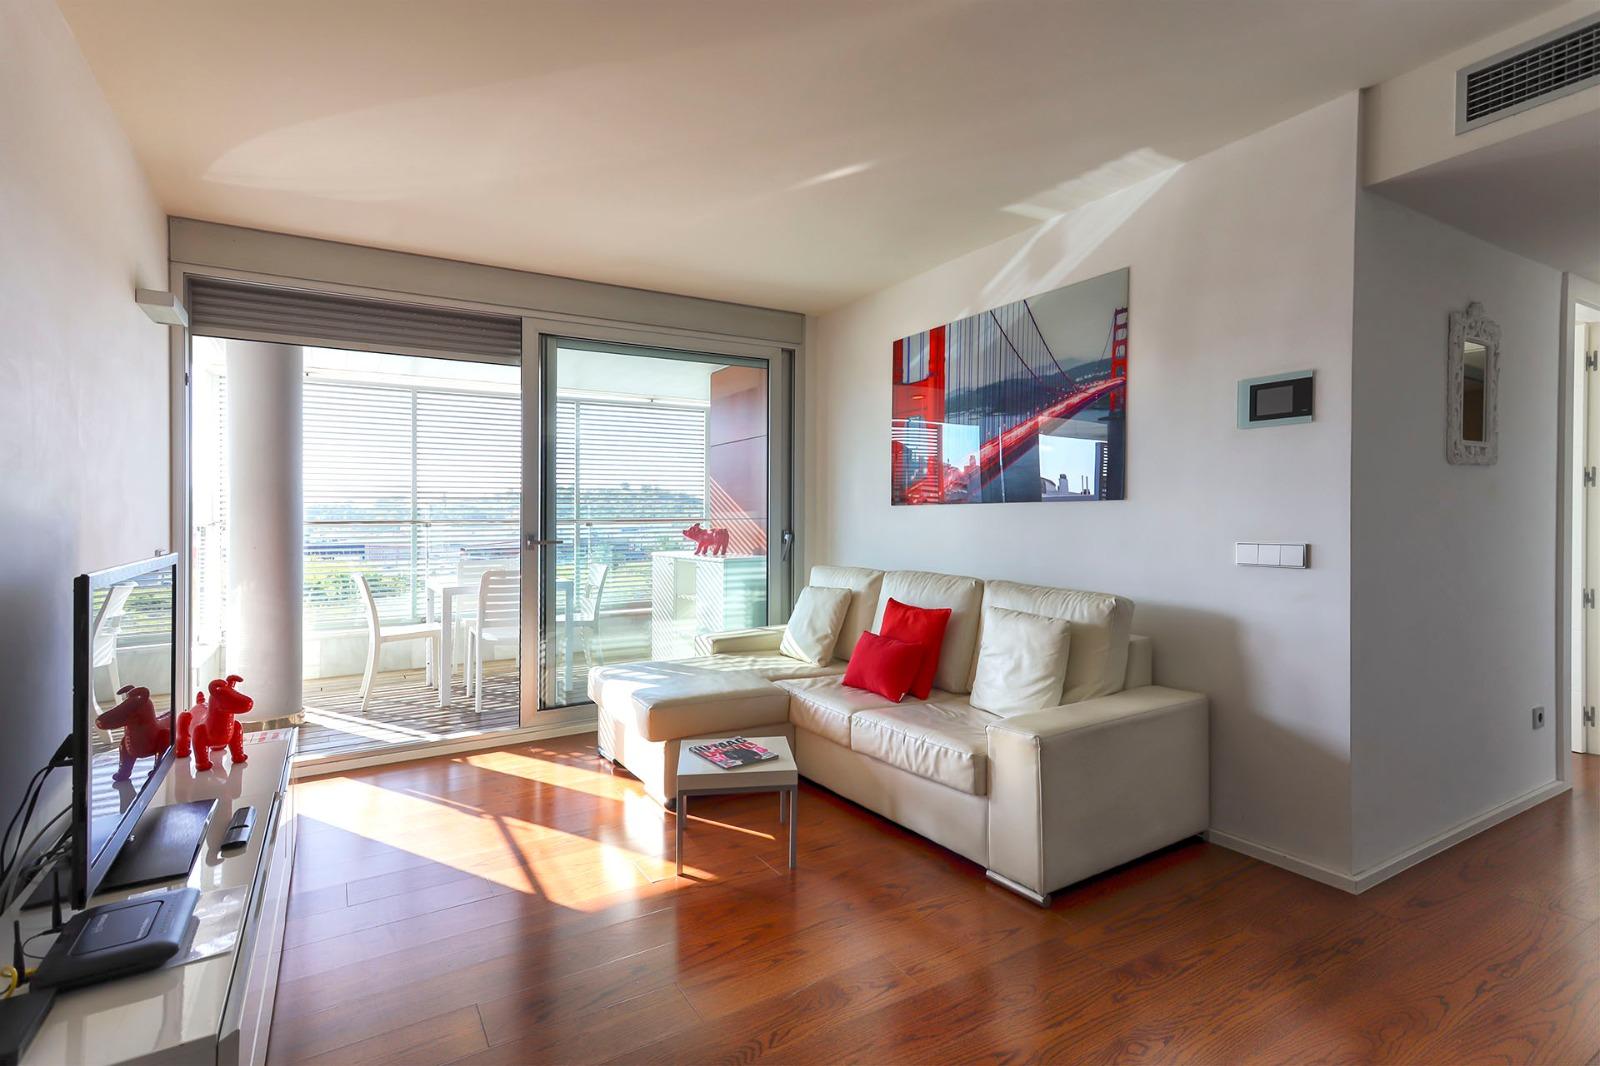 Roberta Apartment Marina De Botafoch Ibiza